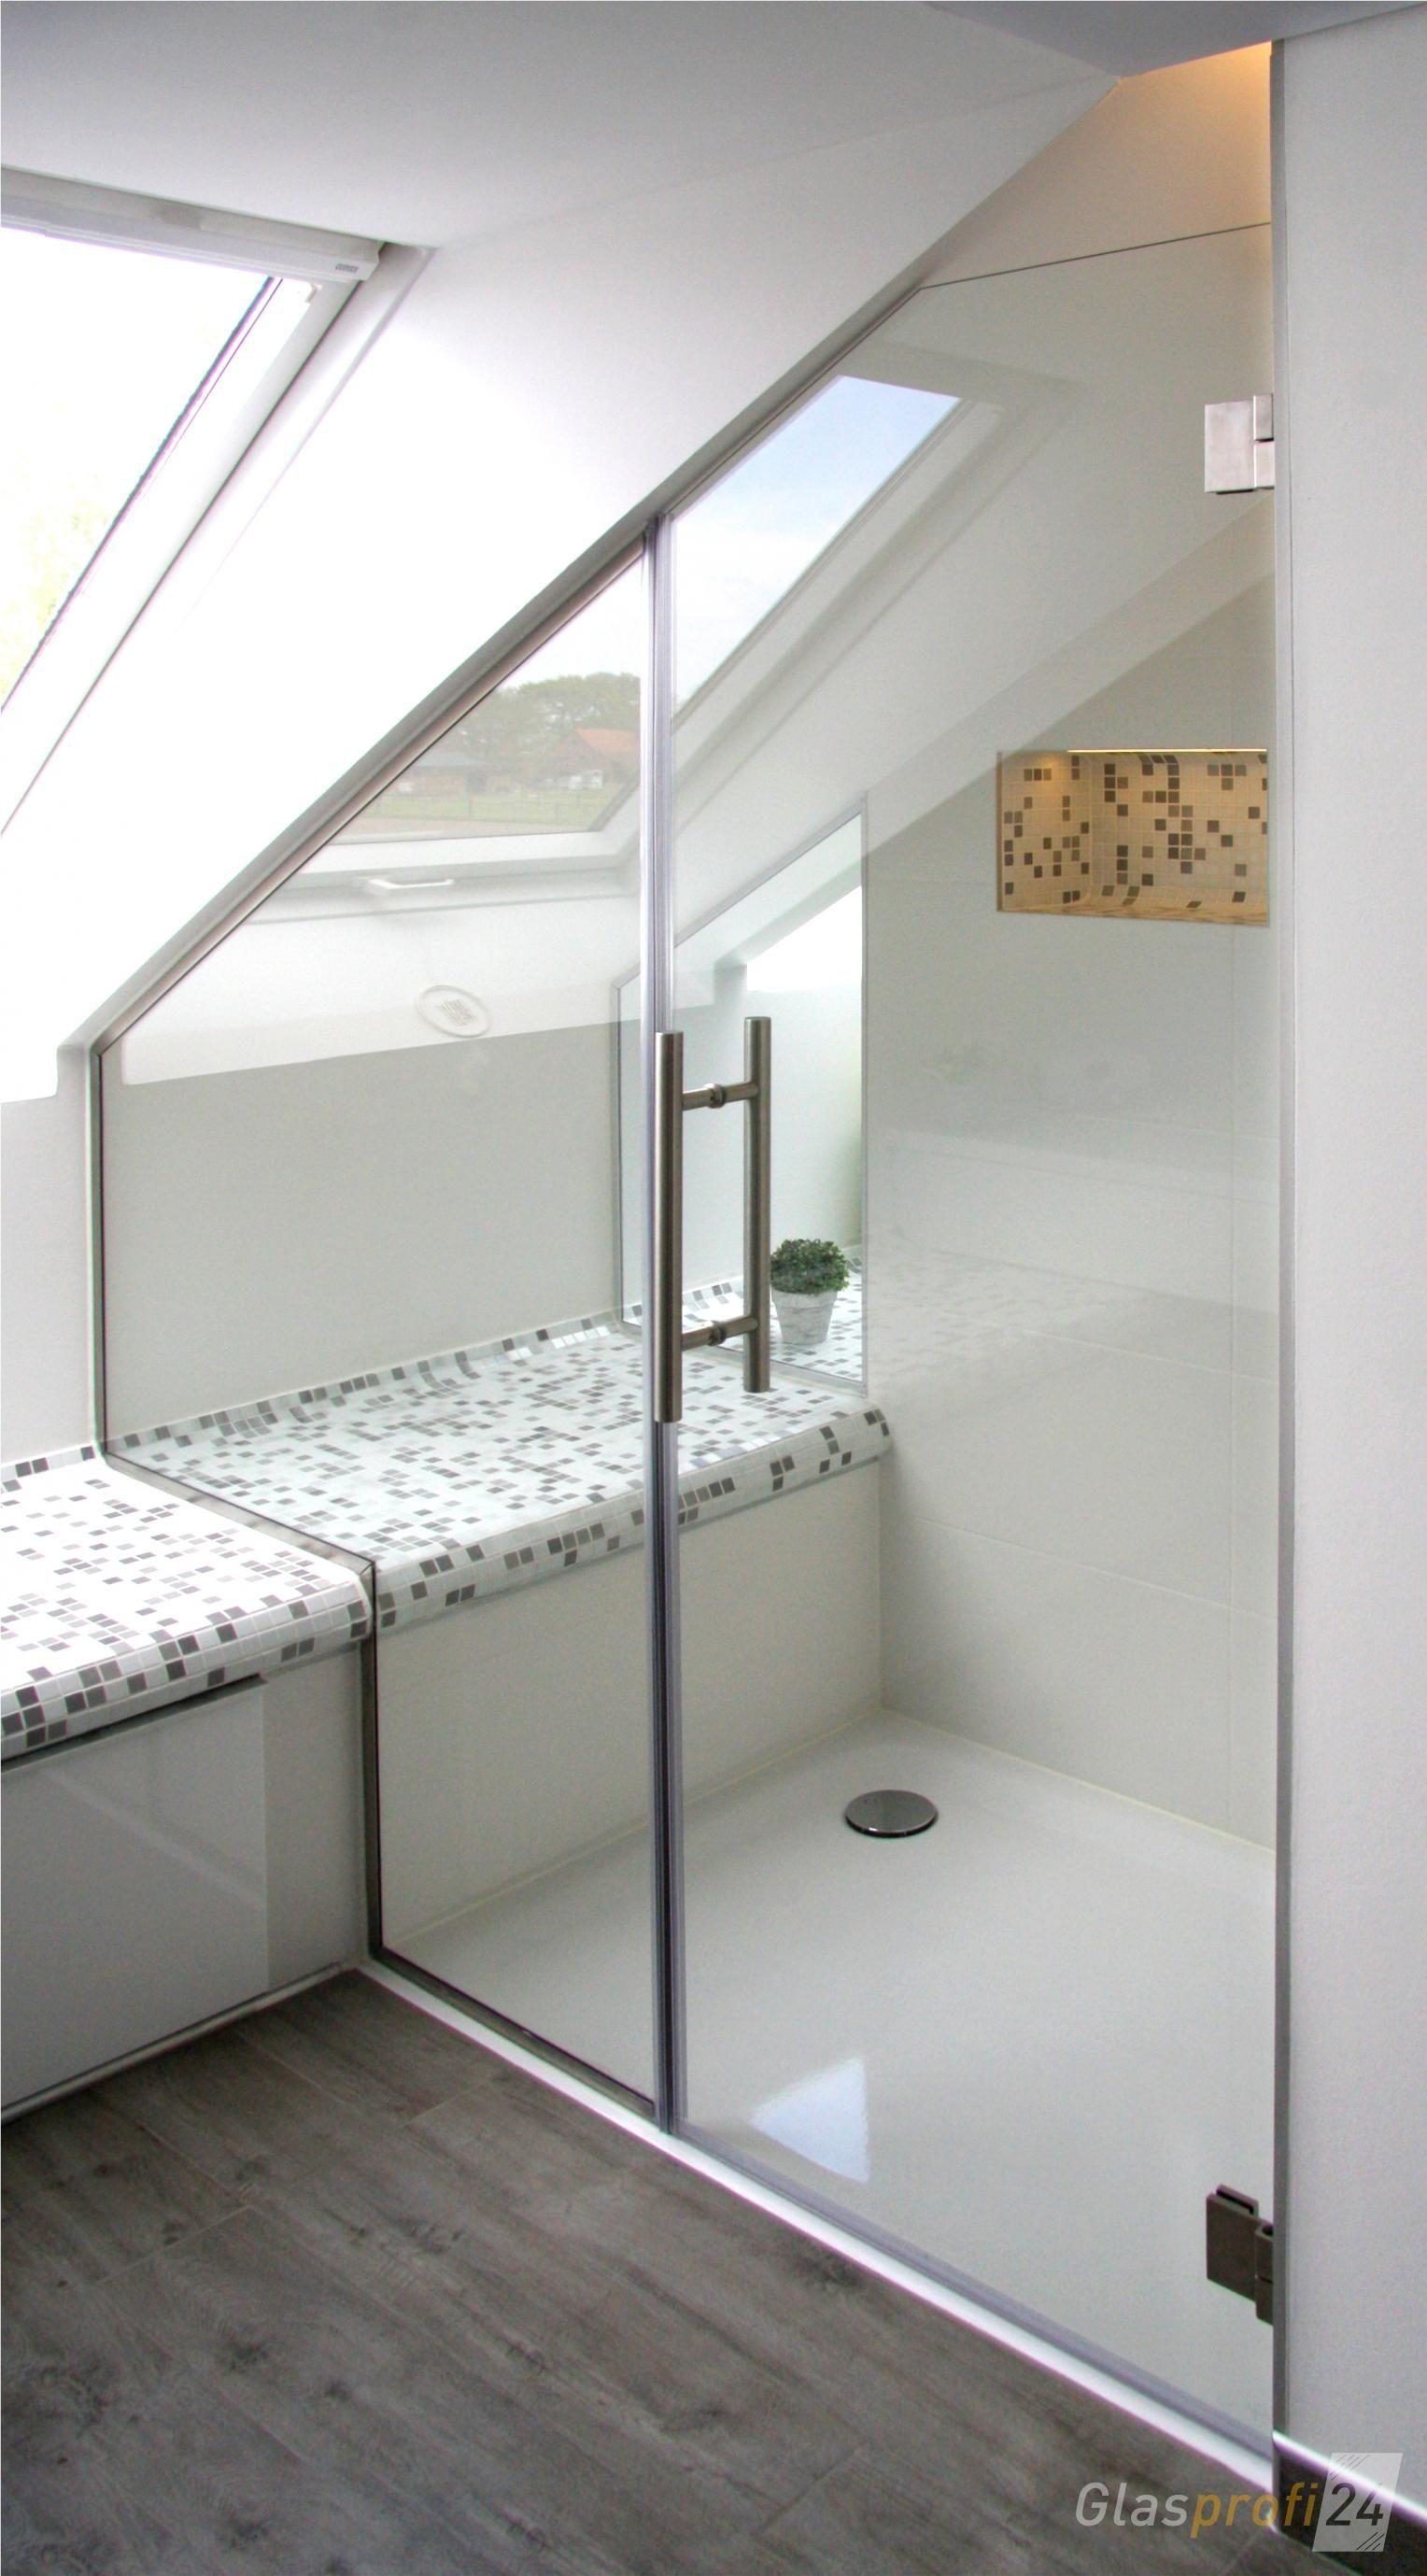 echtglas dusche f r nischeneinbau nach ma nische f r sie und preis. Black Bedroom Furniture Sets. Home Design Ideas